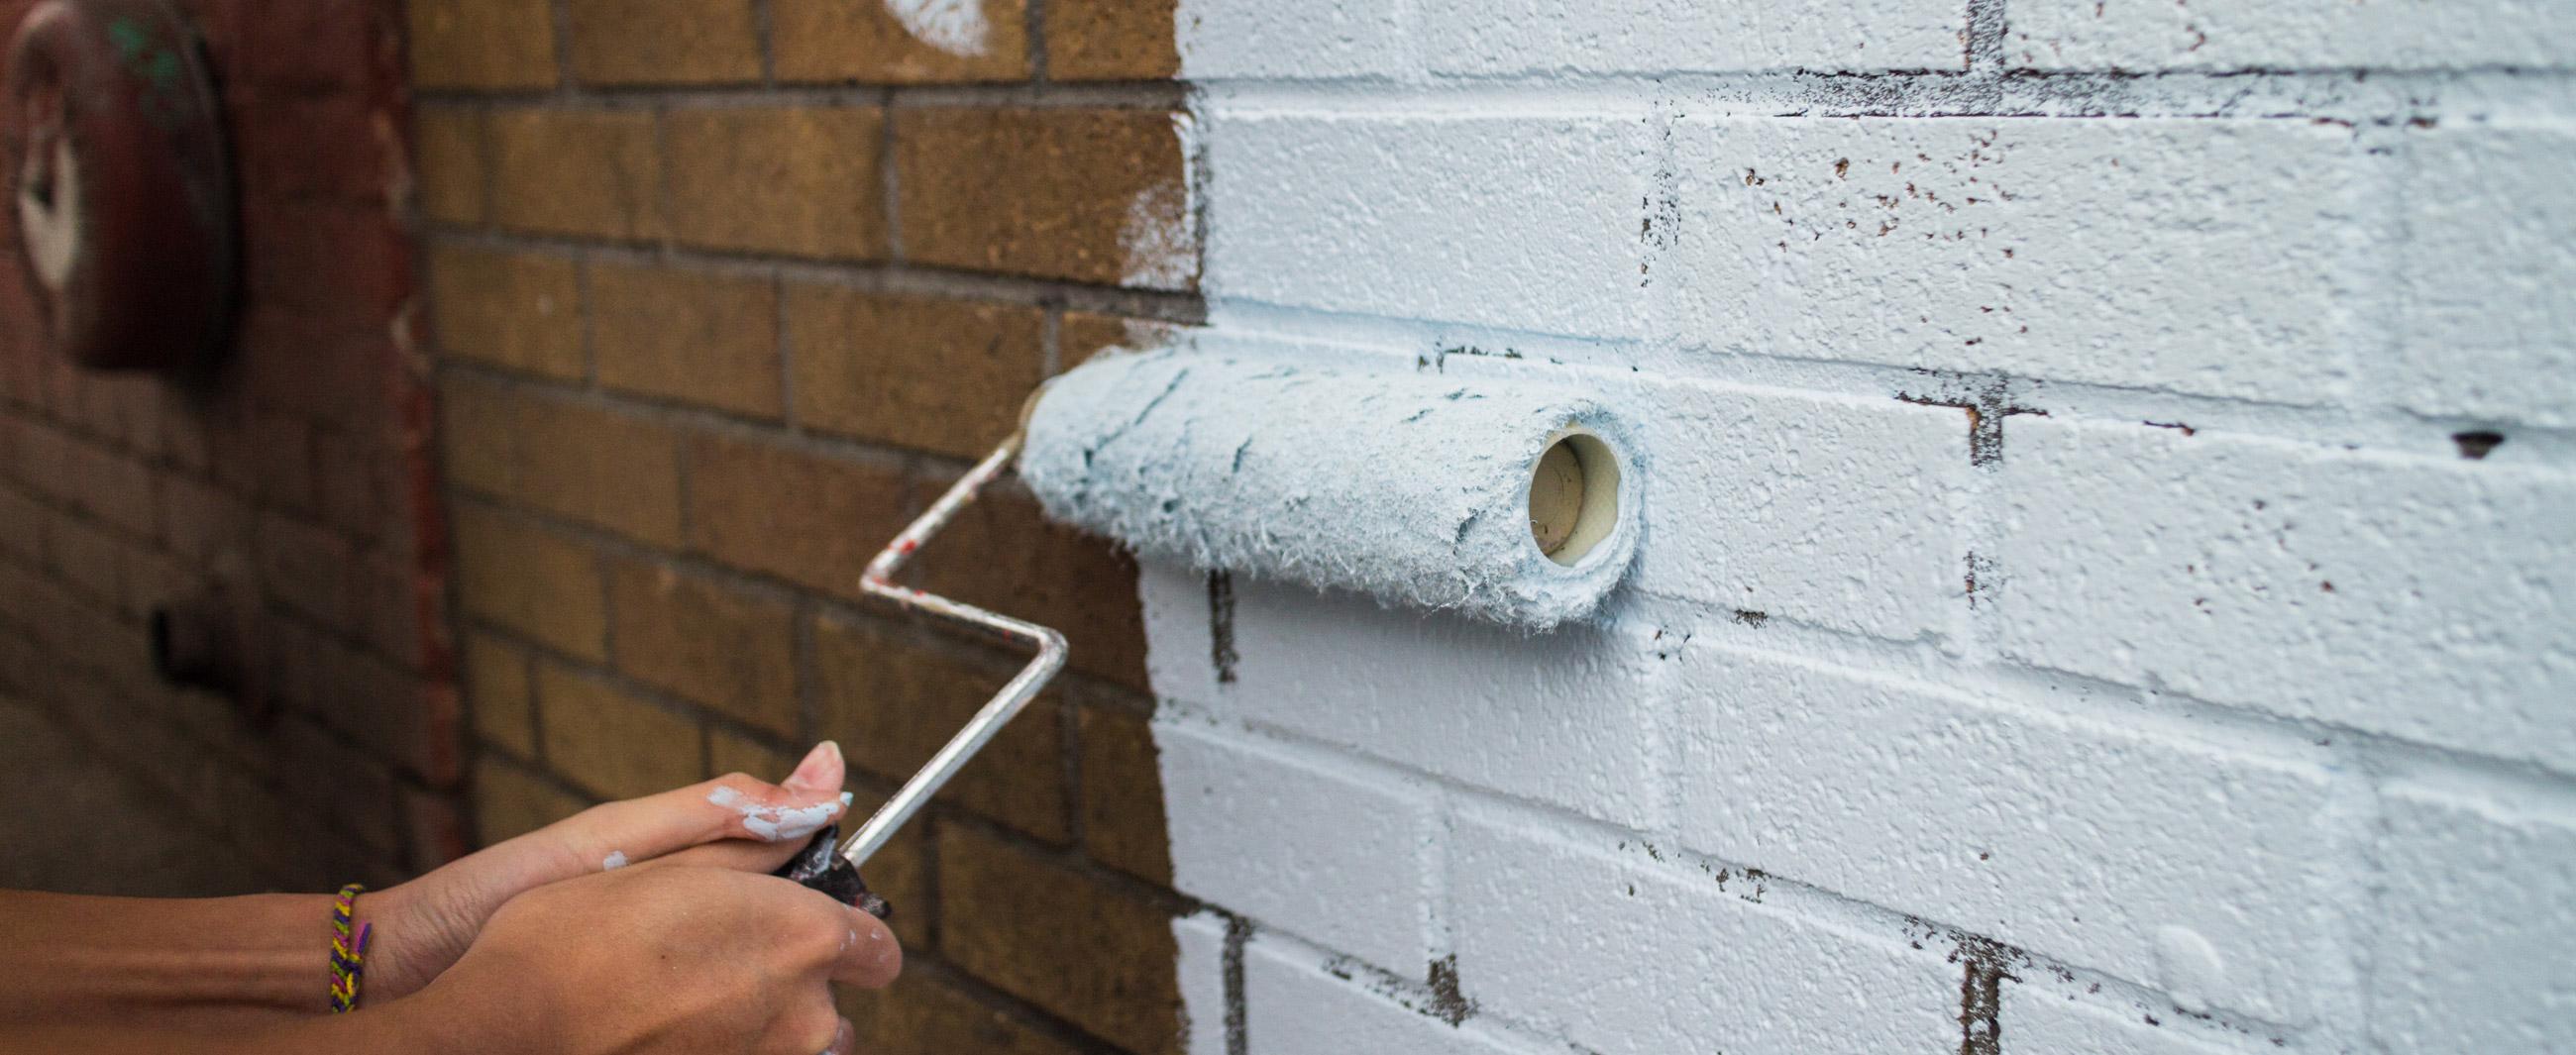 Покраска кирпичной стены: важные моменты окрашивания.